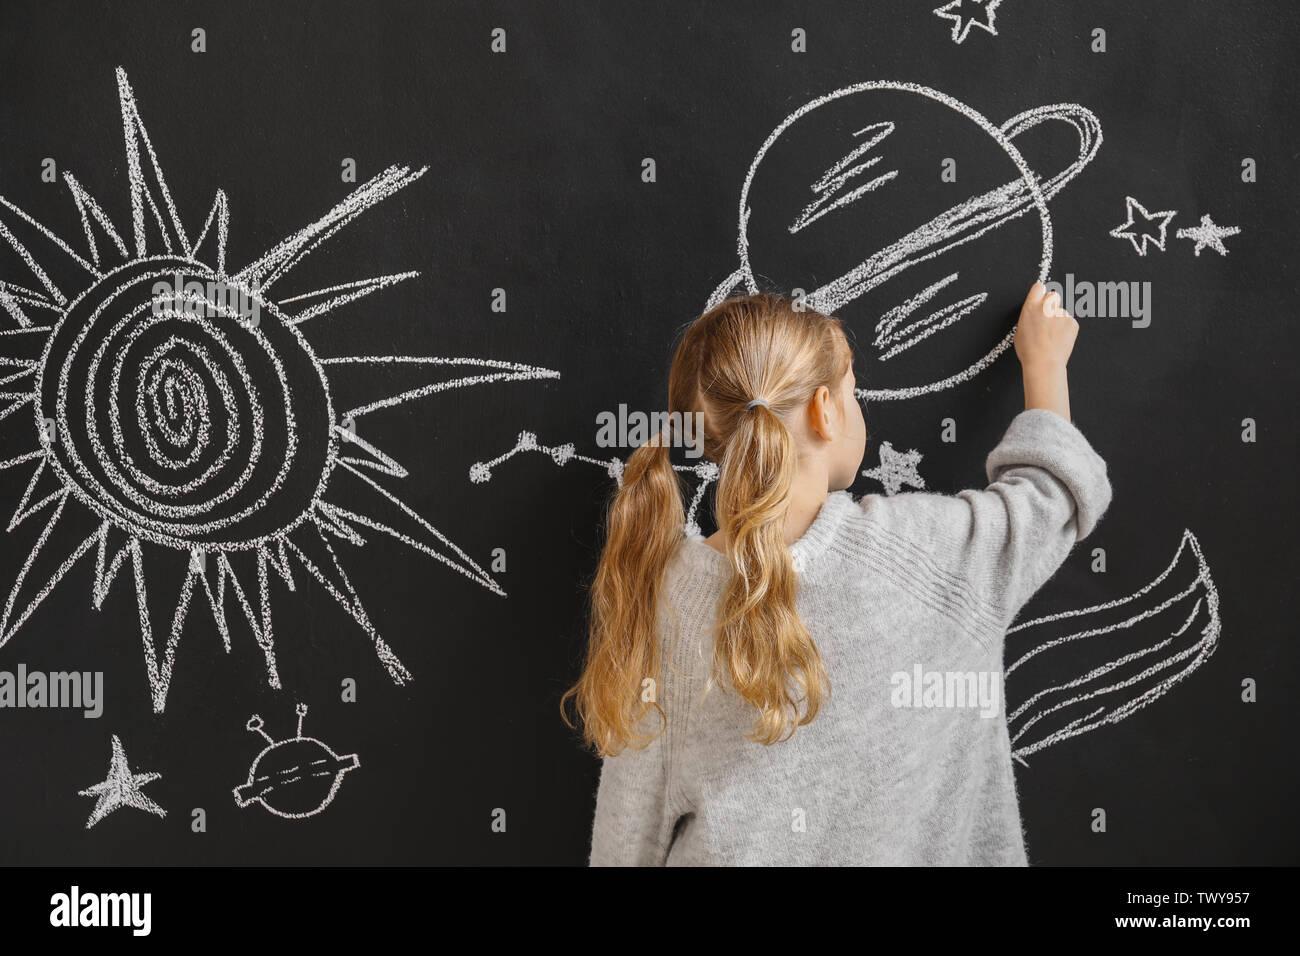 Petite fille de l'espace dessin sur mur sombre Photo Stock